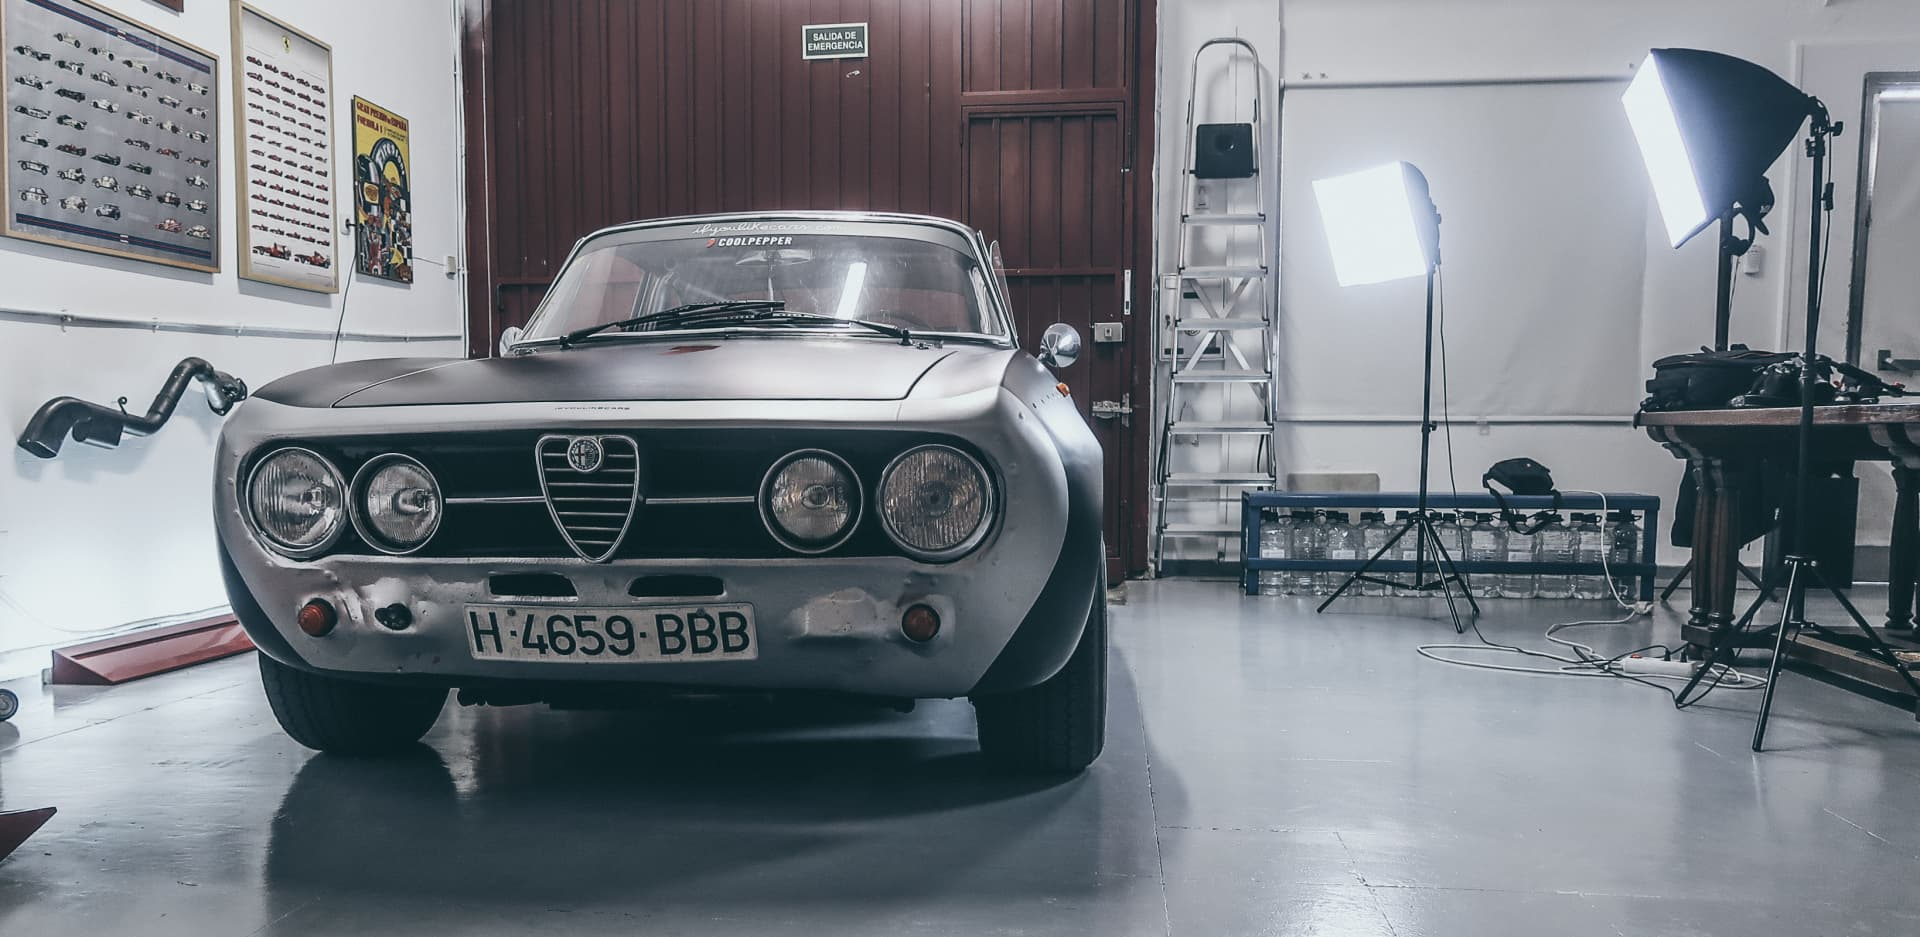 Video Alfa Romeo Hector Coche Clasico Dm Alfa Hec 54